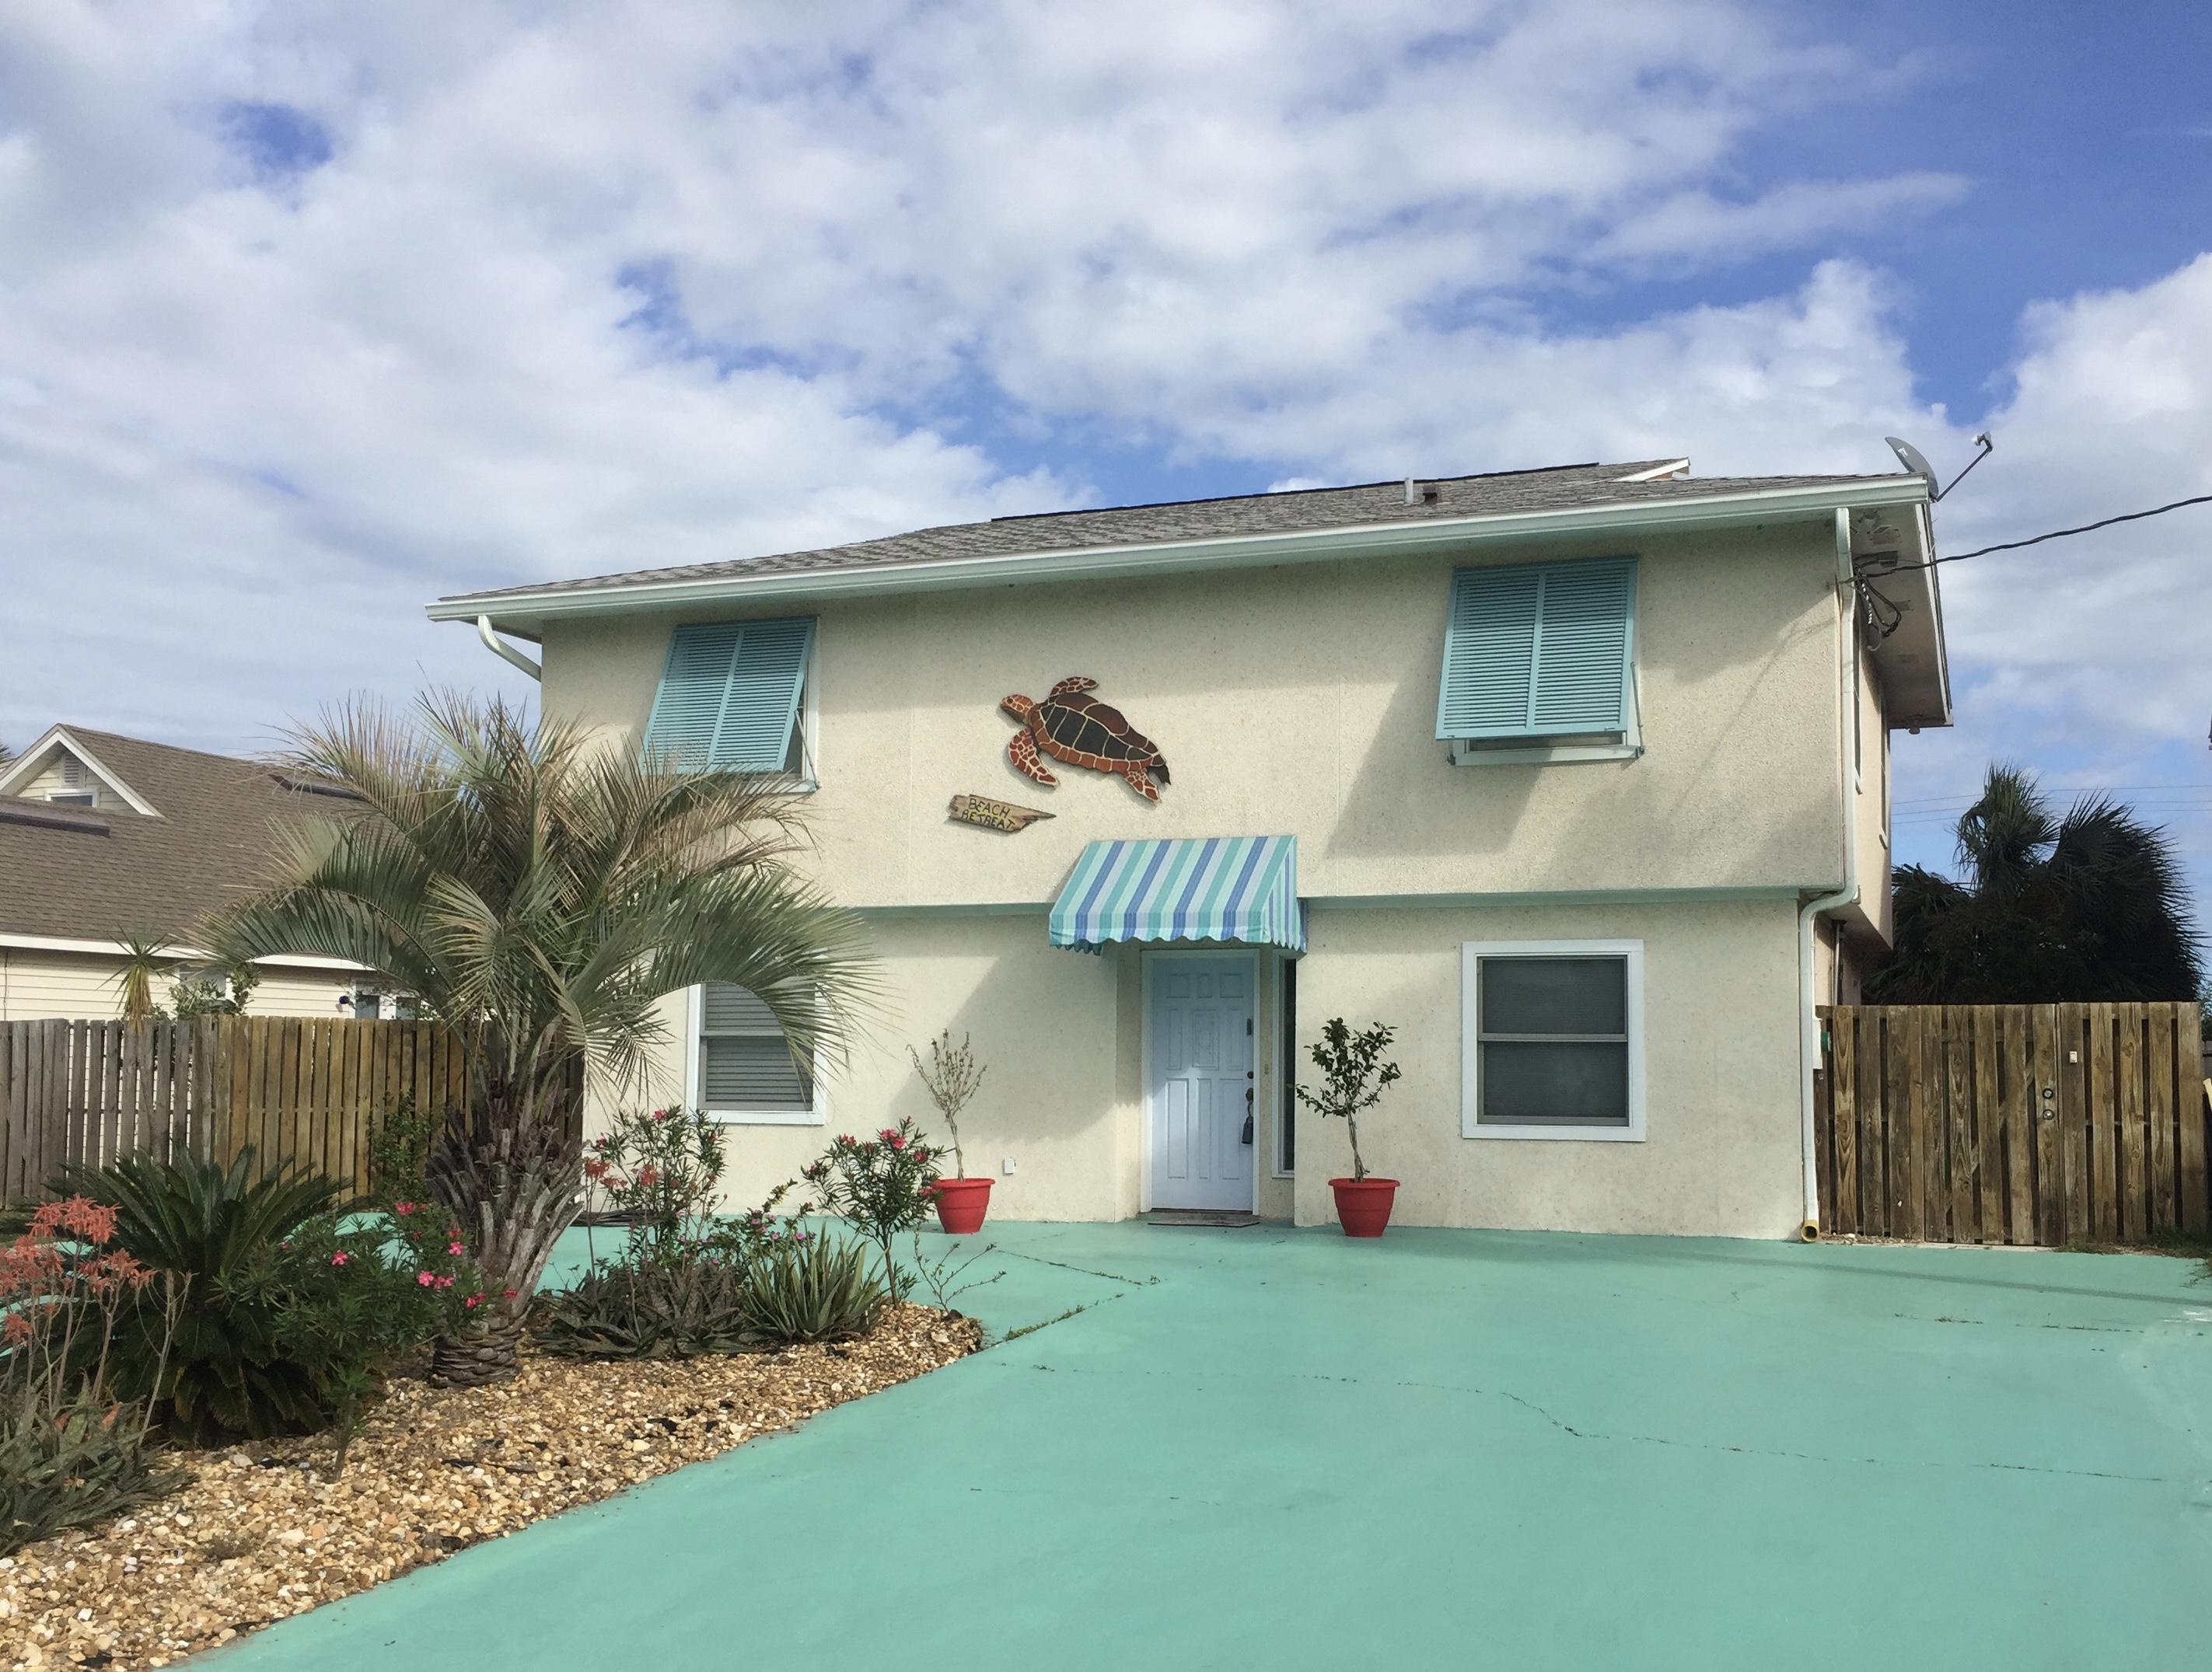 дуплекс для того Продажа на 536 Tarpon 536 Tarpon Avenue Fernandina Beach, Флорида, 32034 Соединенные Штаты